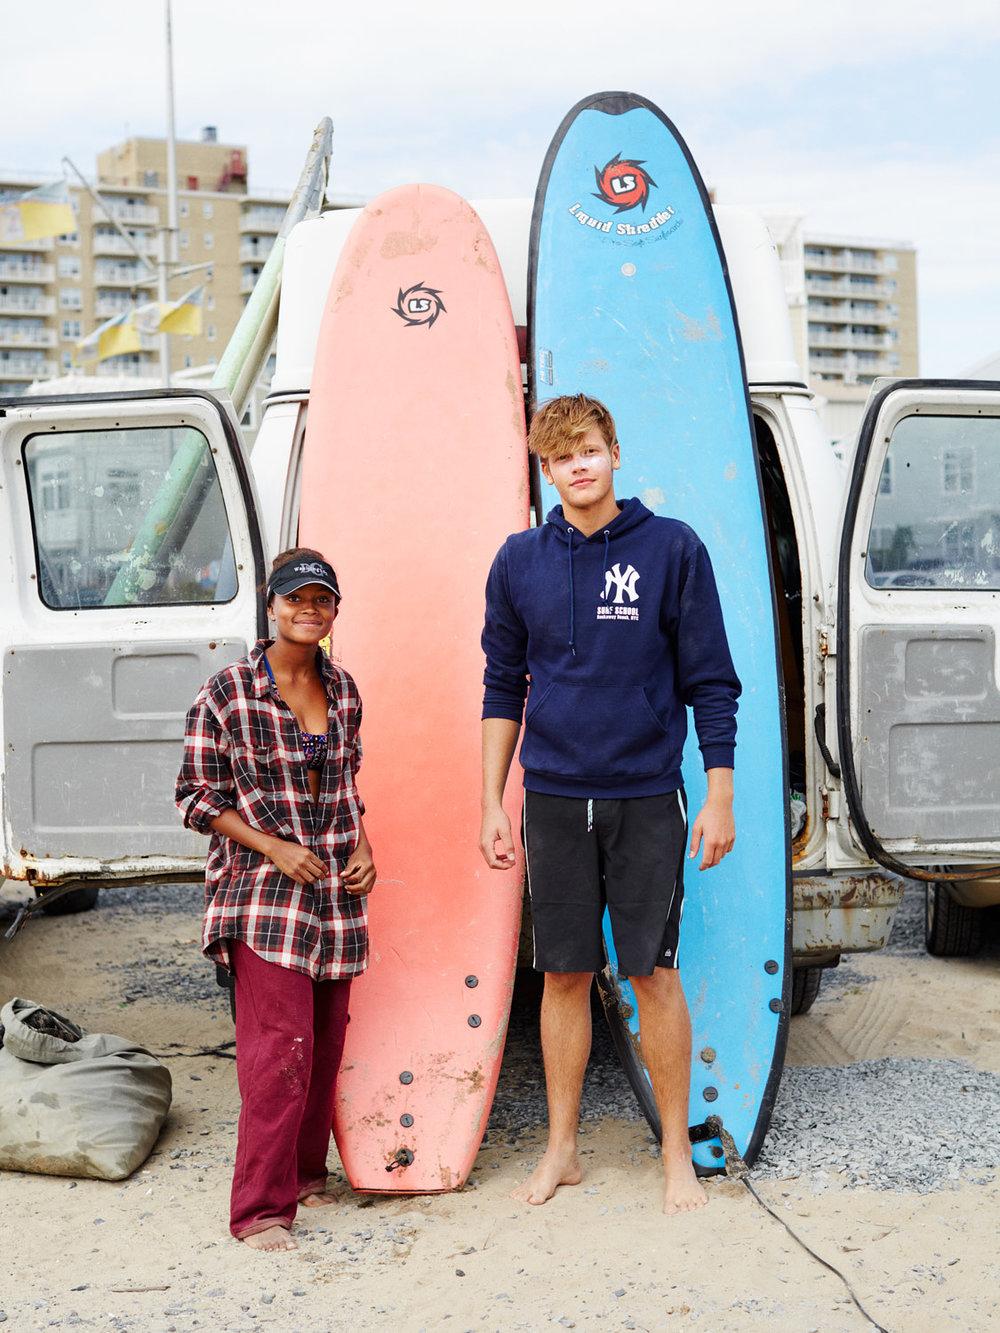 Surfers_721.jpg